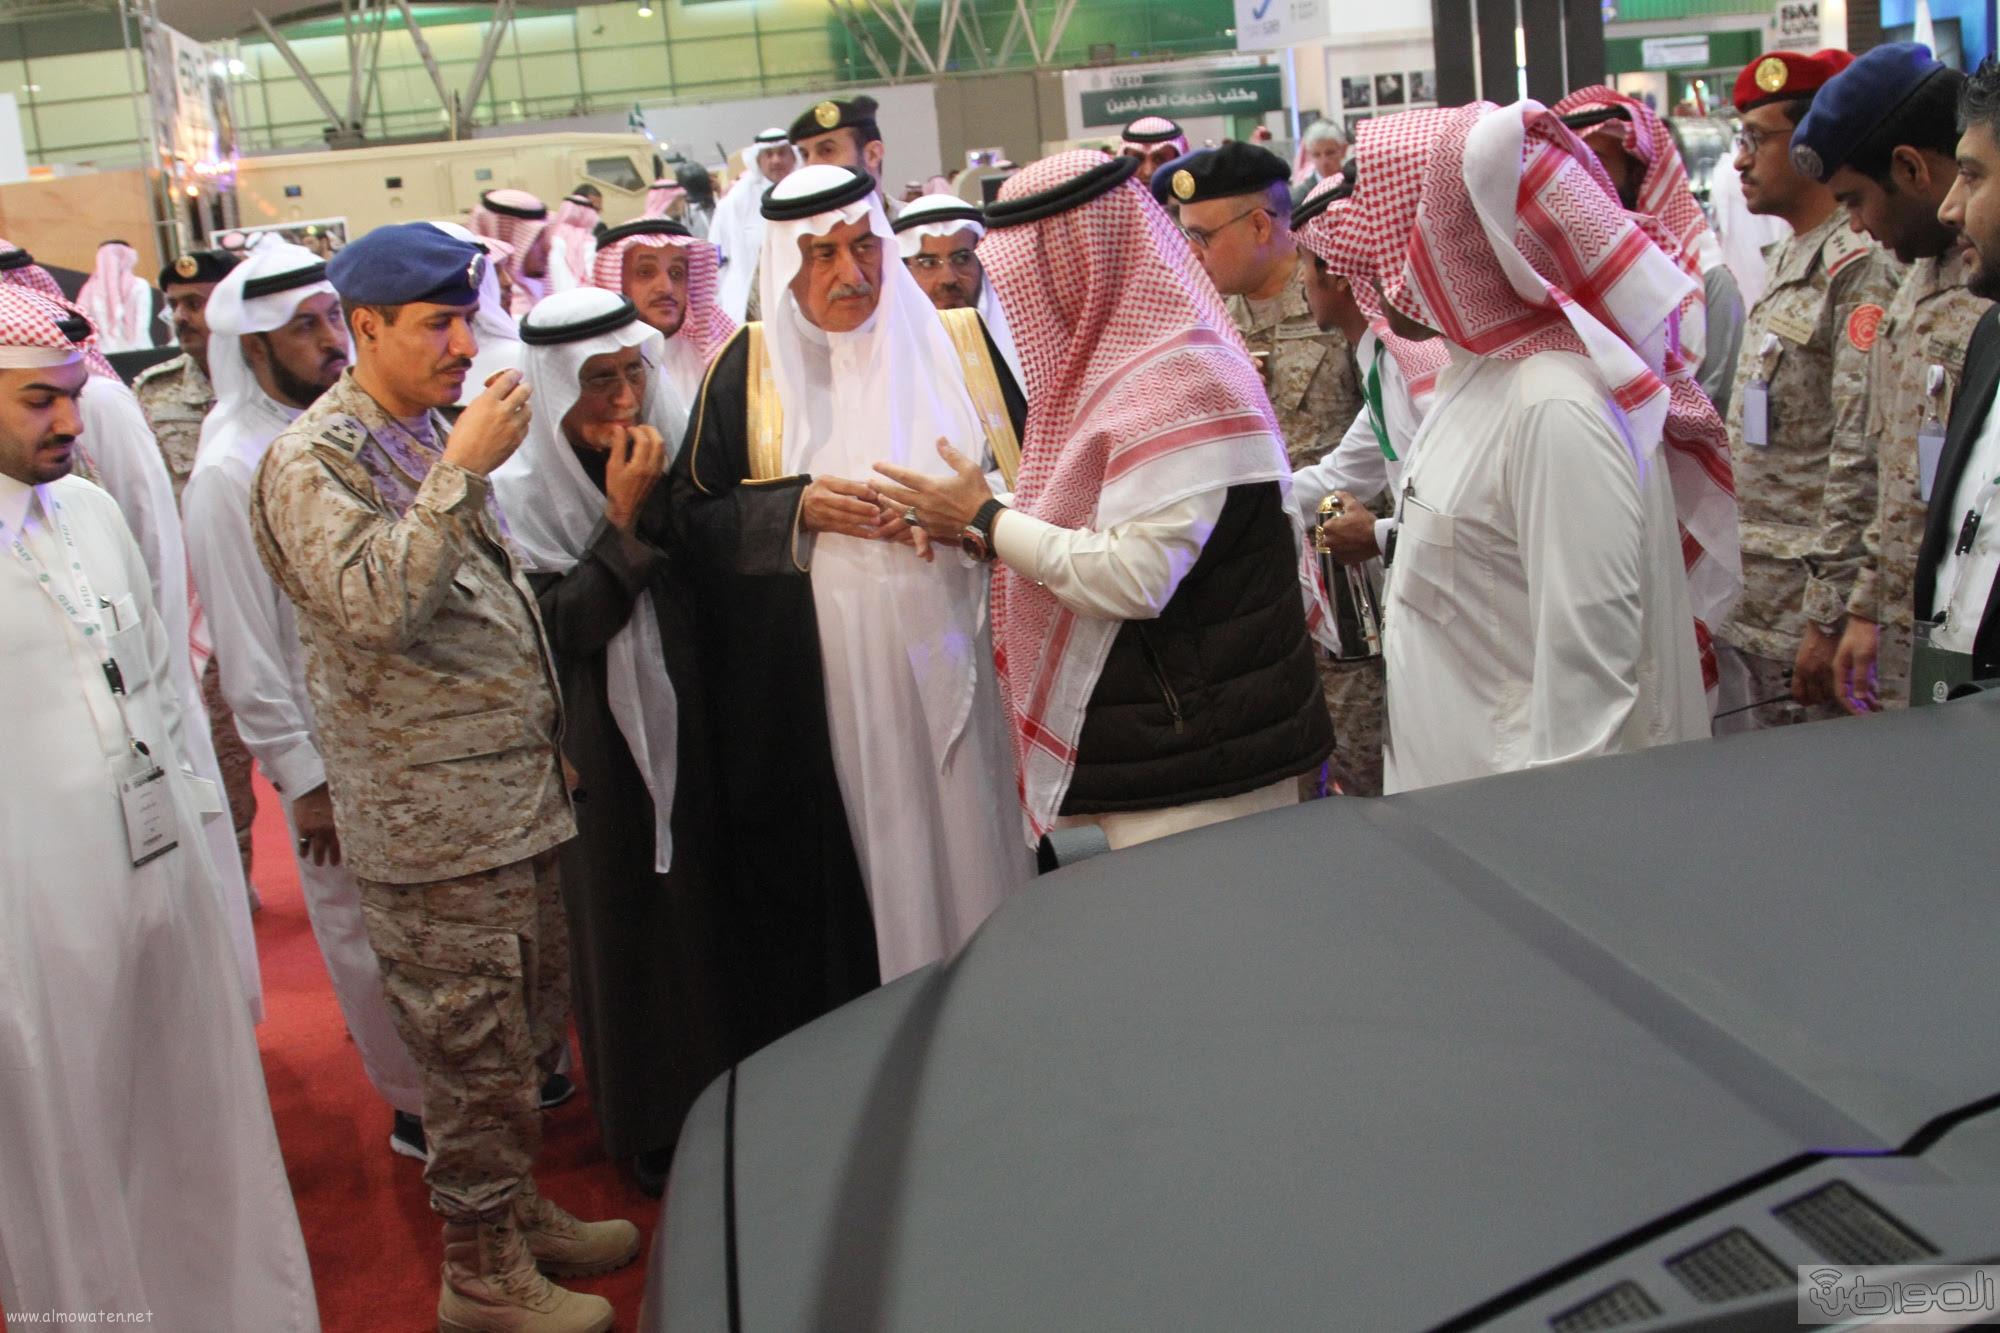 وزير المالية يتجول بمعرض القوات المسحة (3)